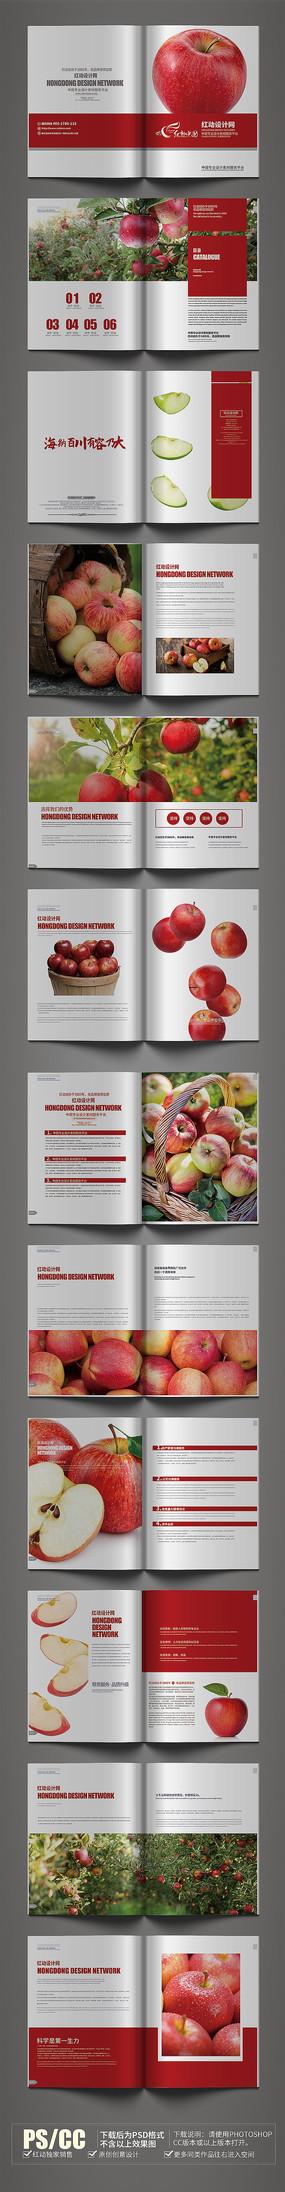 红色简约苹果画册设计模板